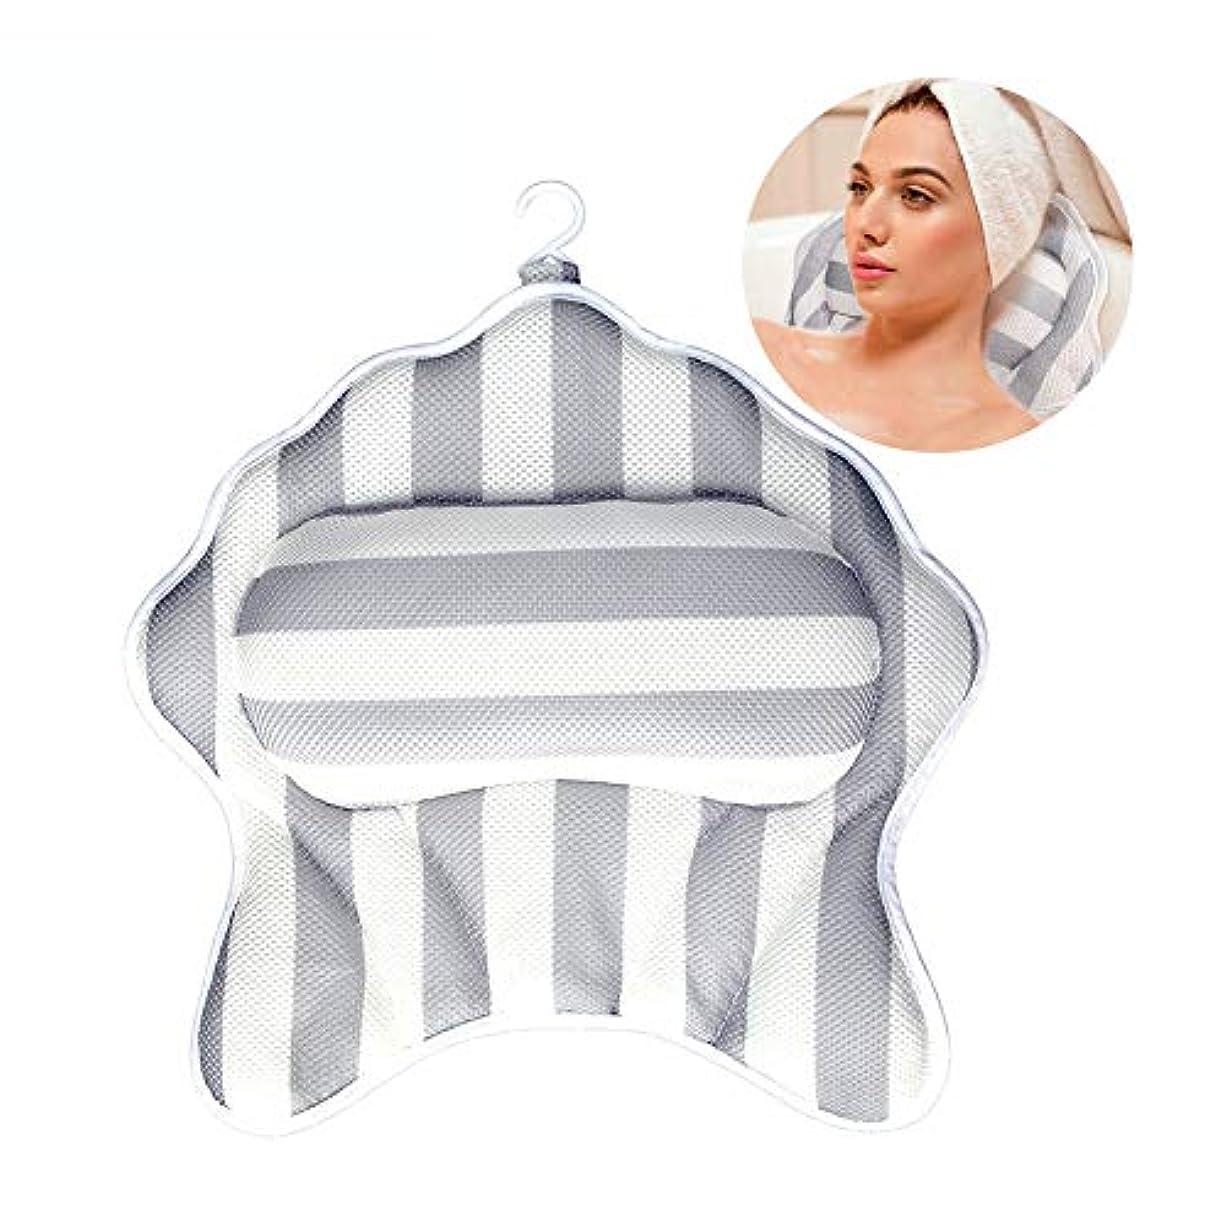 特派員誇張報復する3dメッシュヒトデスパマッサージバスタブ枕浴室枕クッションwith6強い吸引カップは洗濯機で洗えます